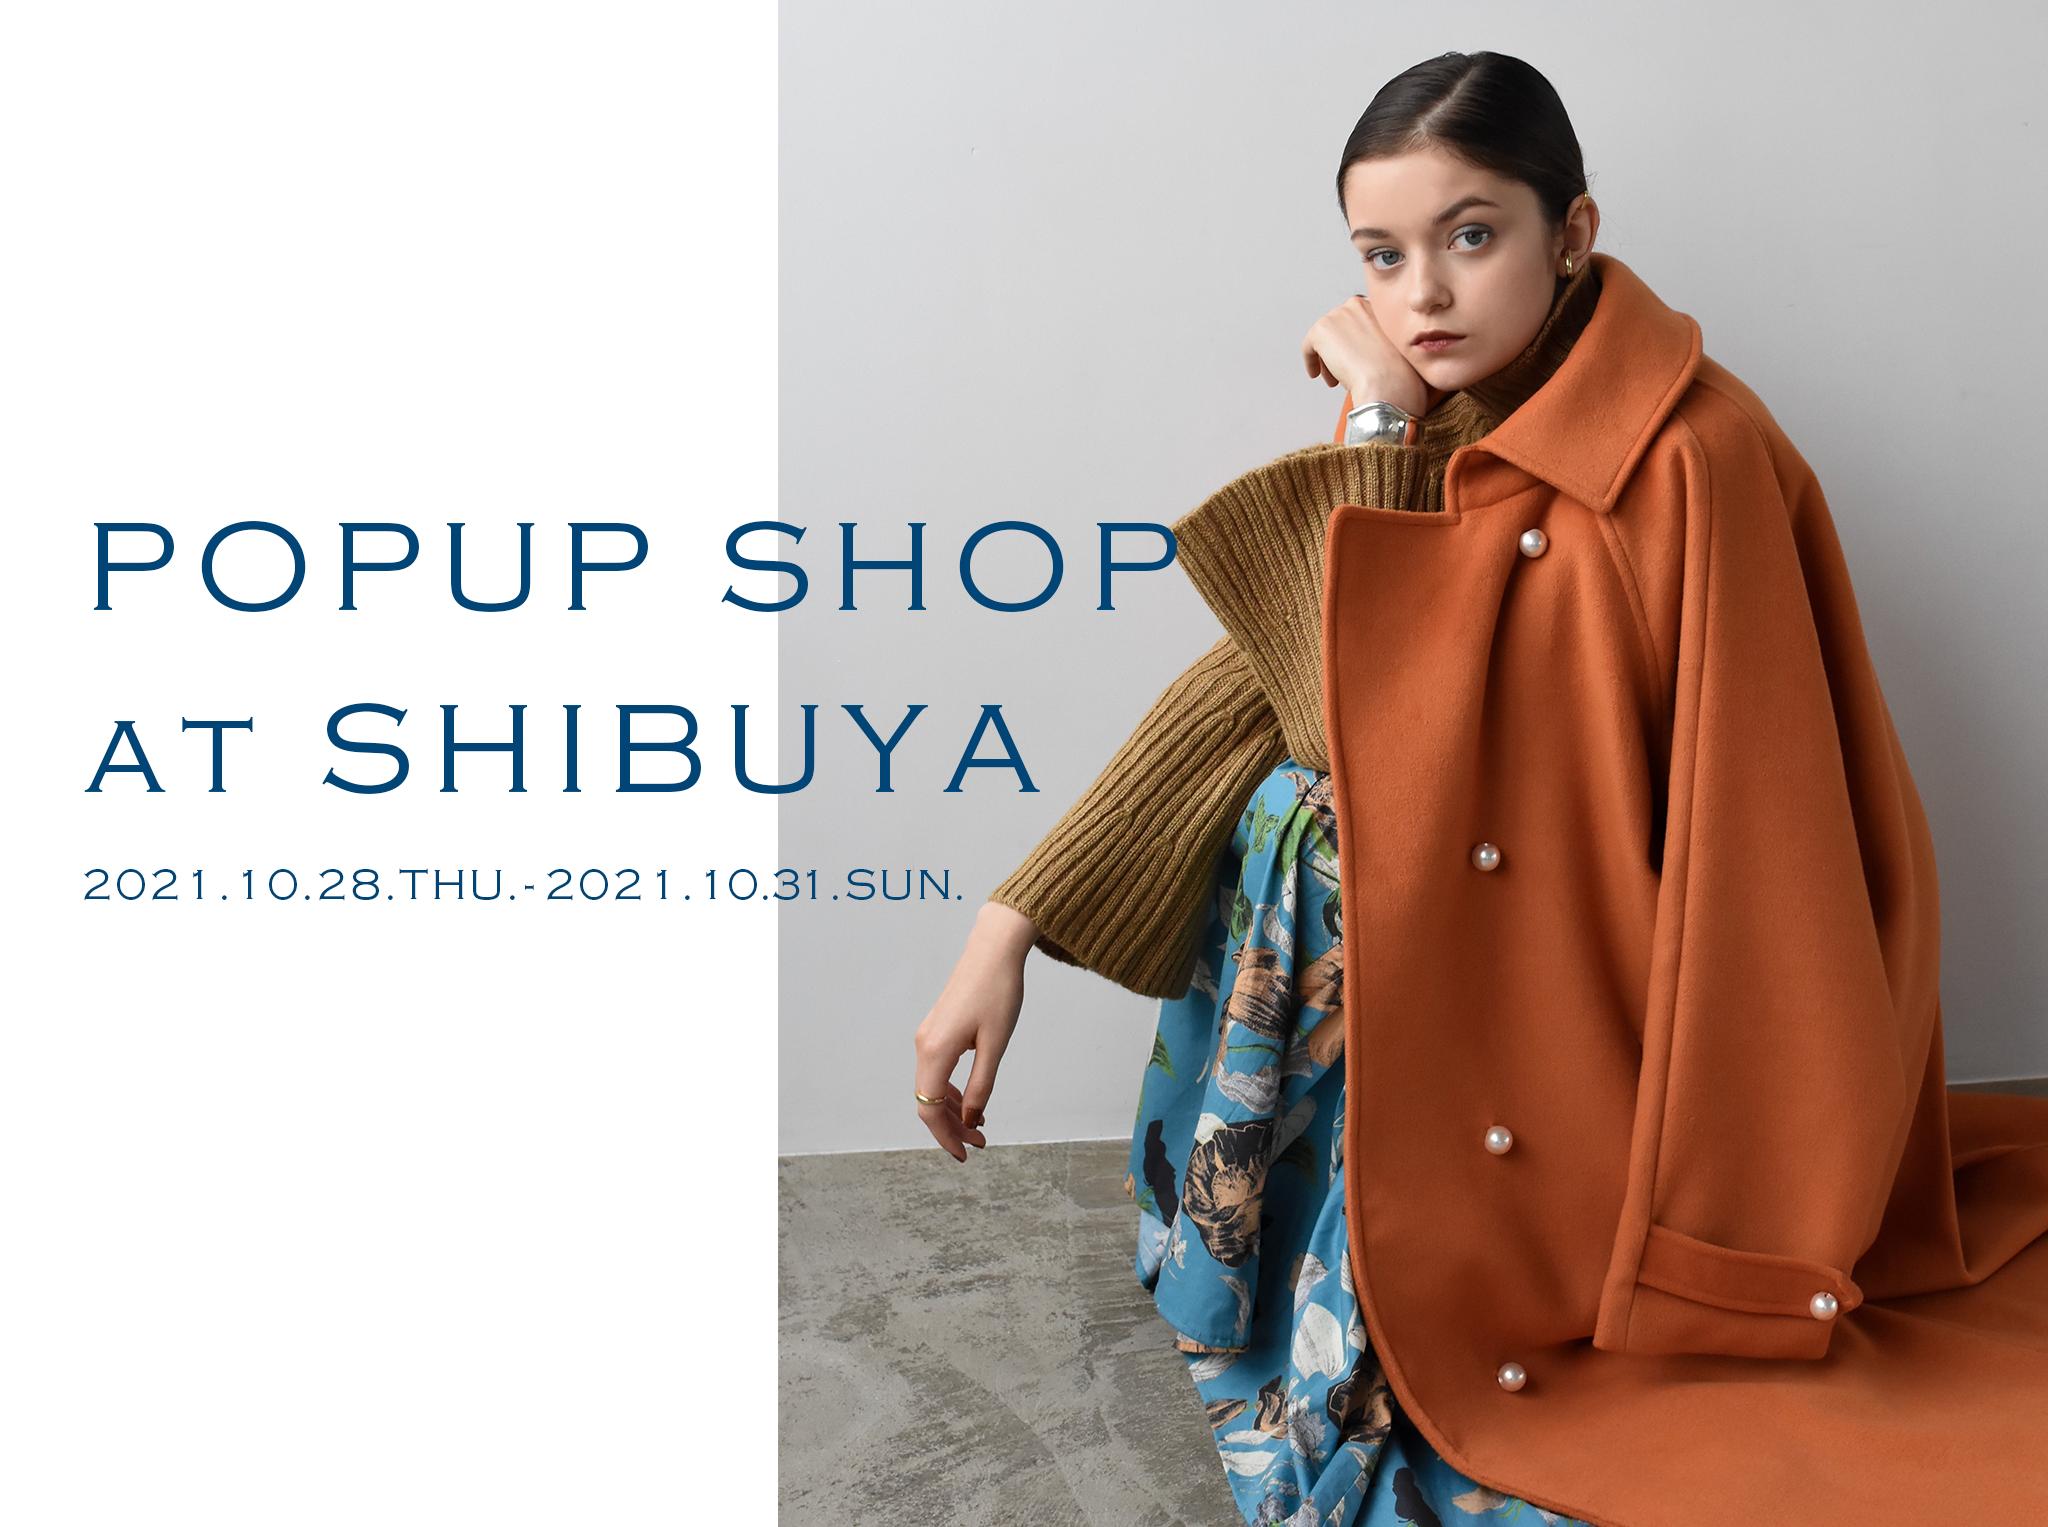 10.28(Thu.)~10.31(Sun.) 【POPUP SHOP】at 渋谷